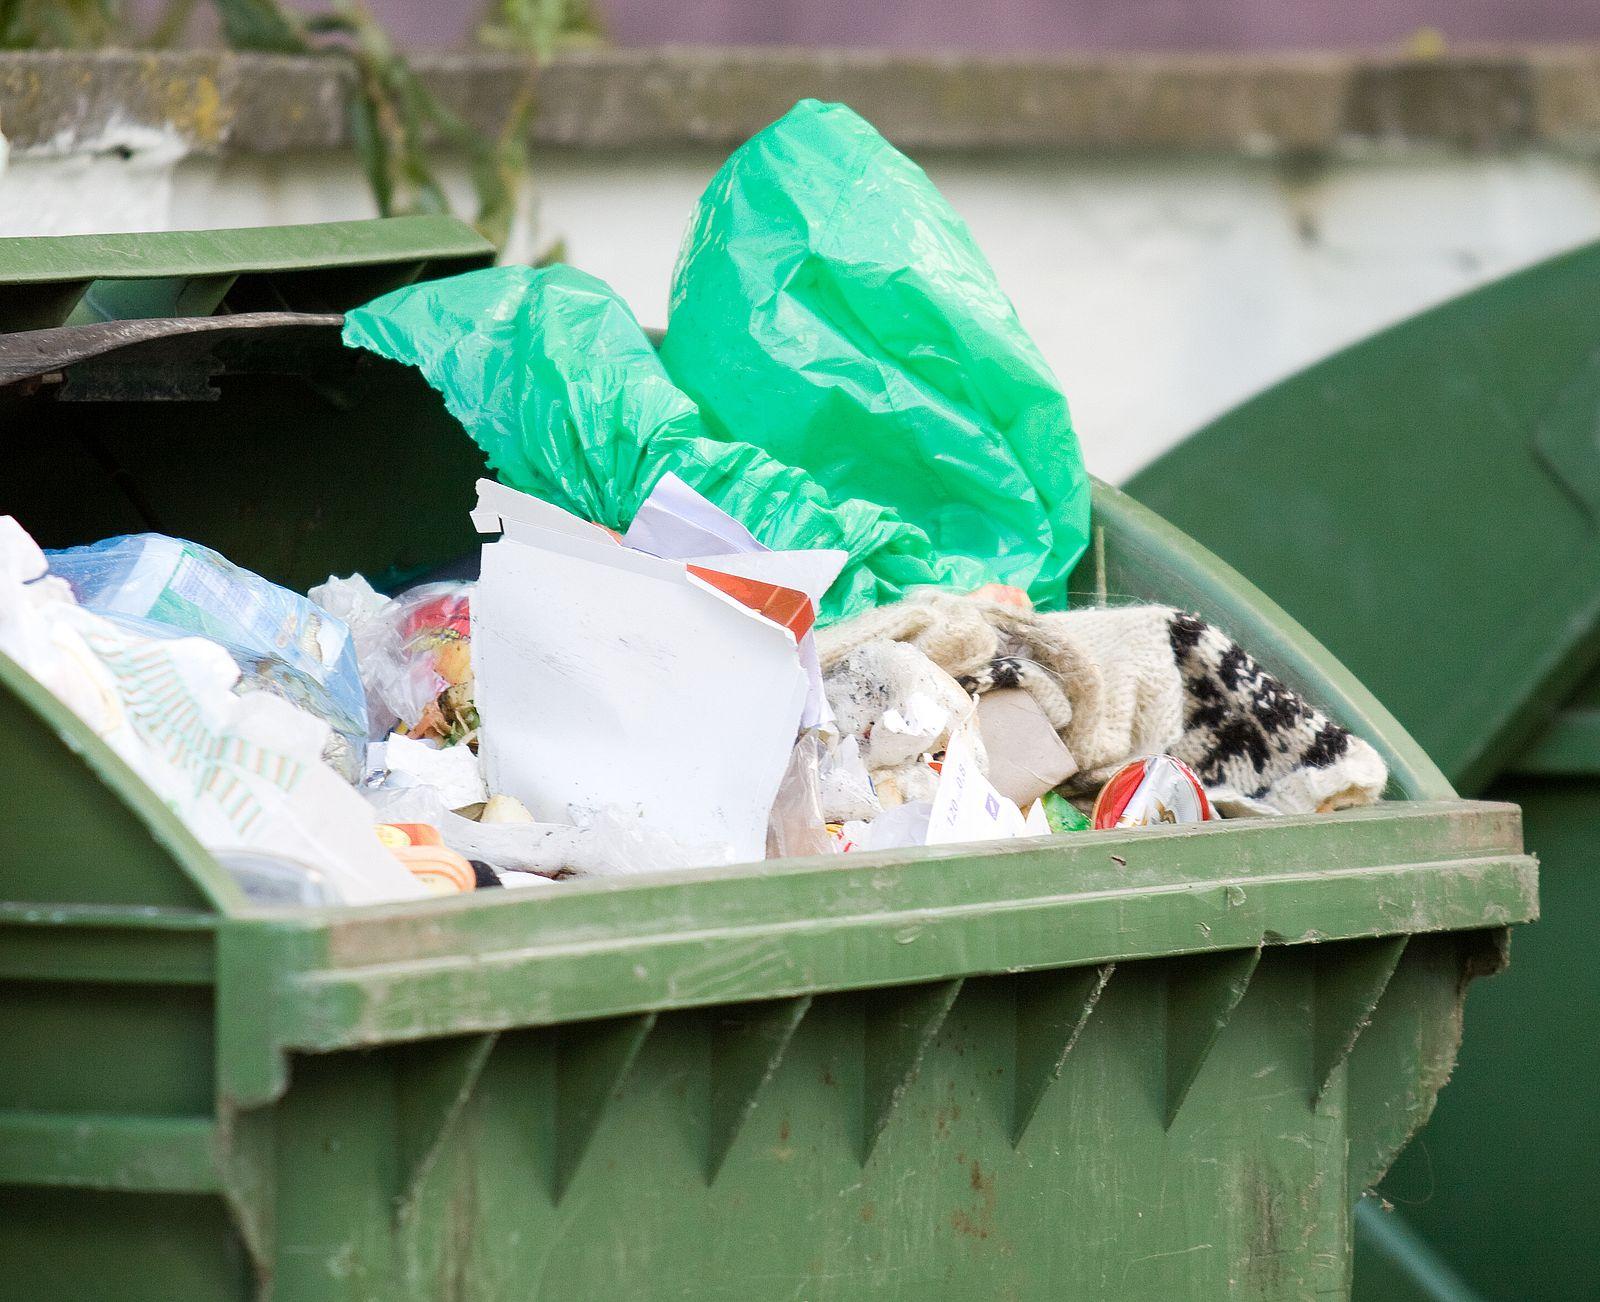 Ceny za śmieci idą w gminie w górę. A burmistrz Chocza mówi: źle segregują także... radni! - Zdjęcie główne